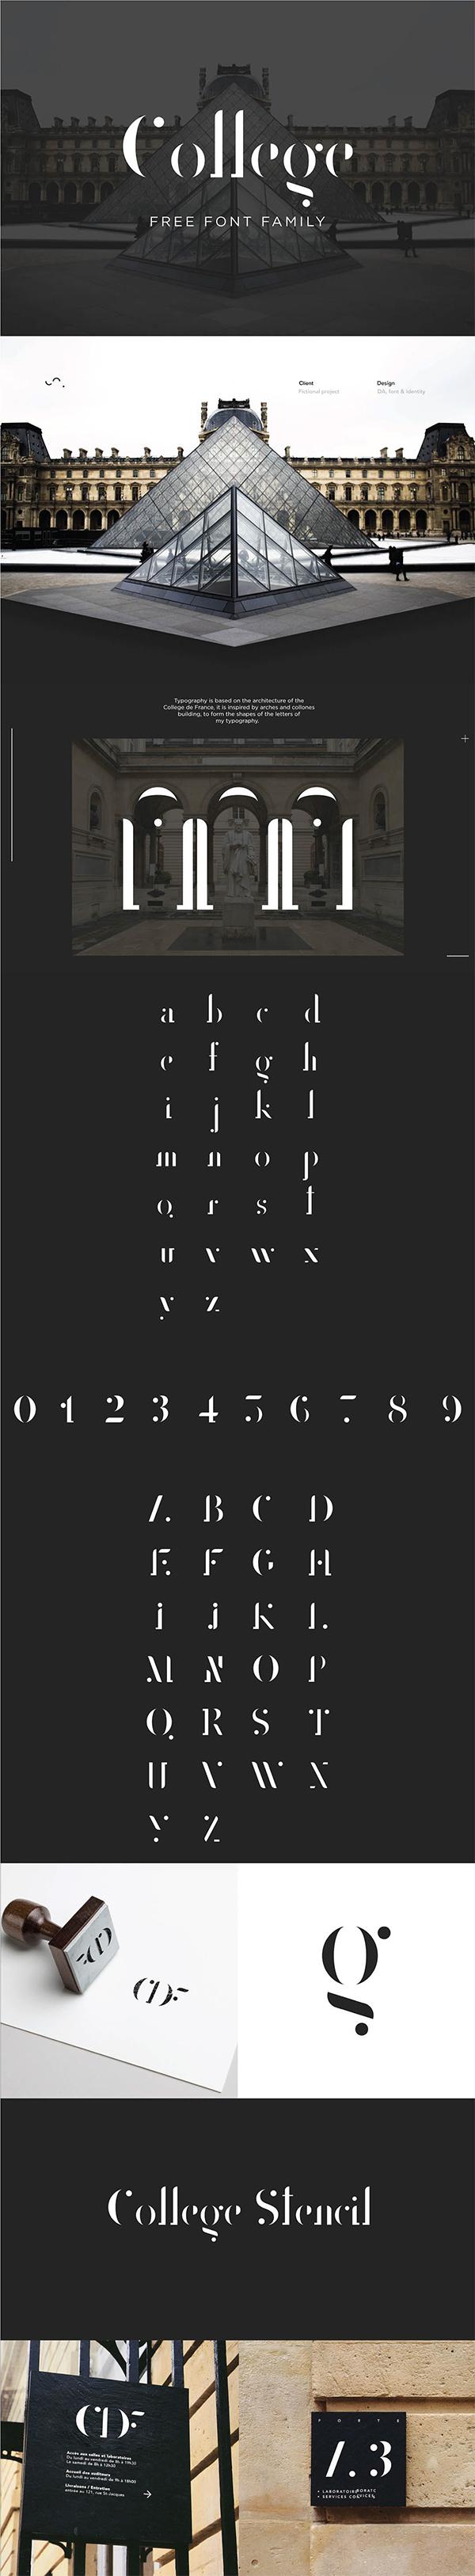 College Stencil Free Font